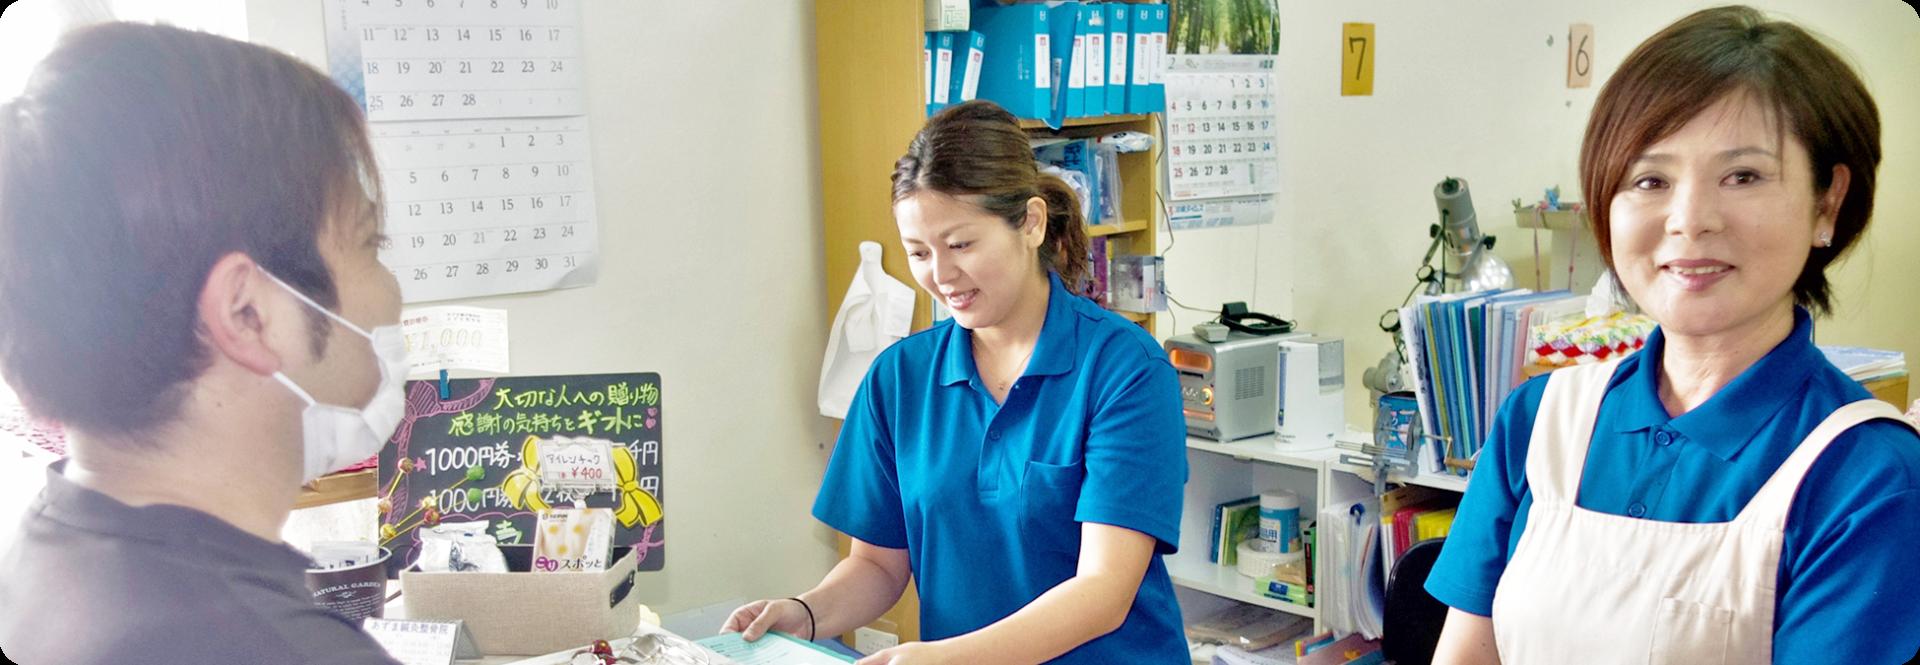 うるま市と宜野座村で展開している鍼灸整骨院です。